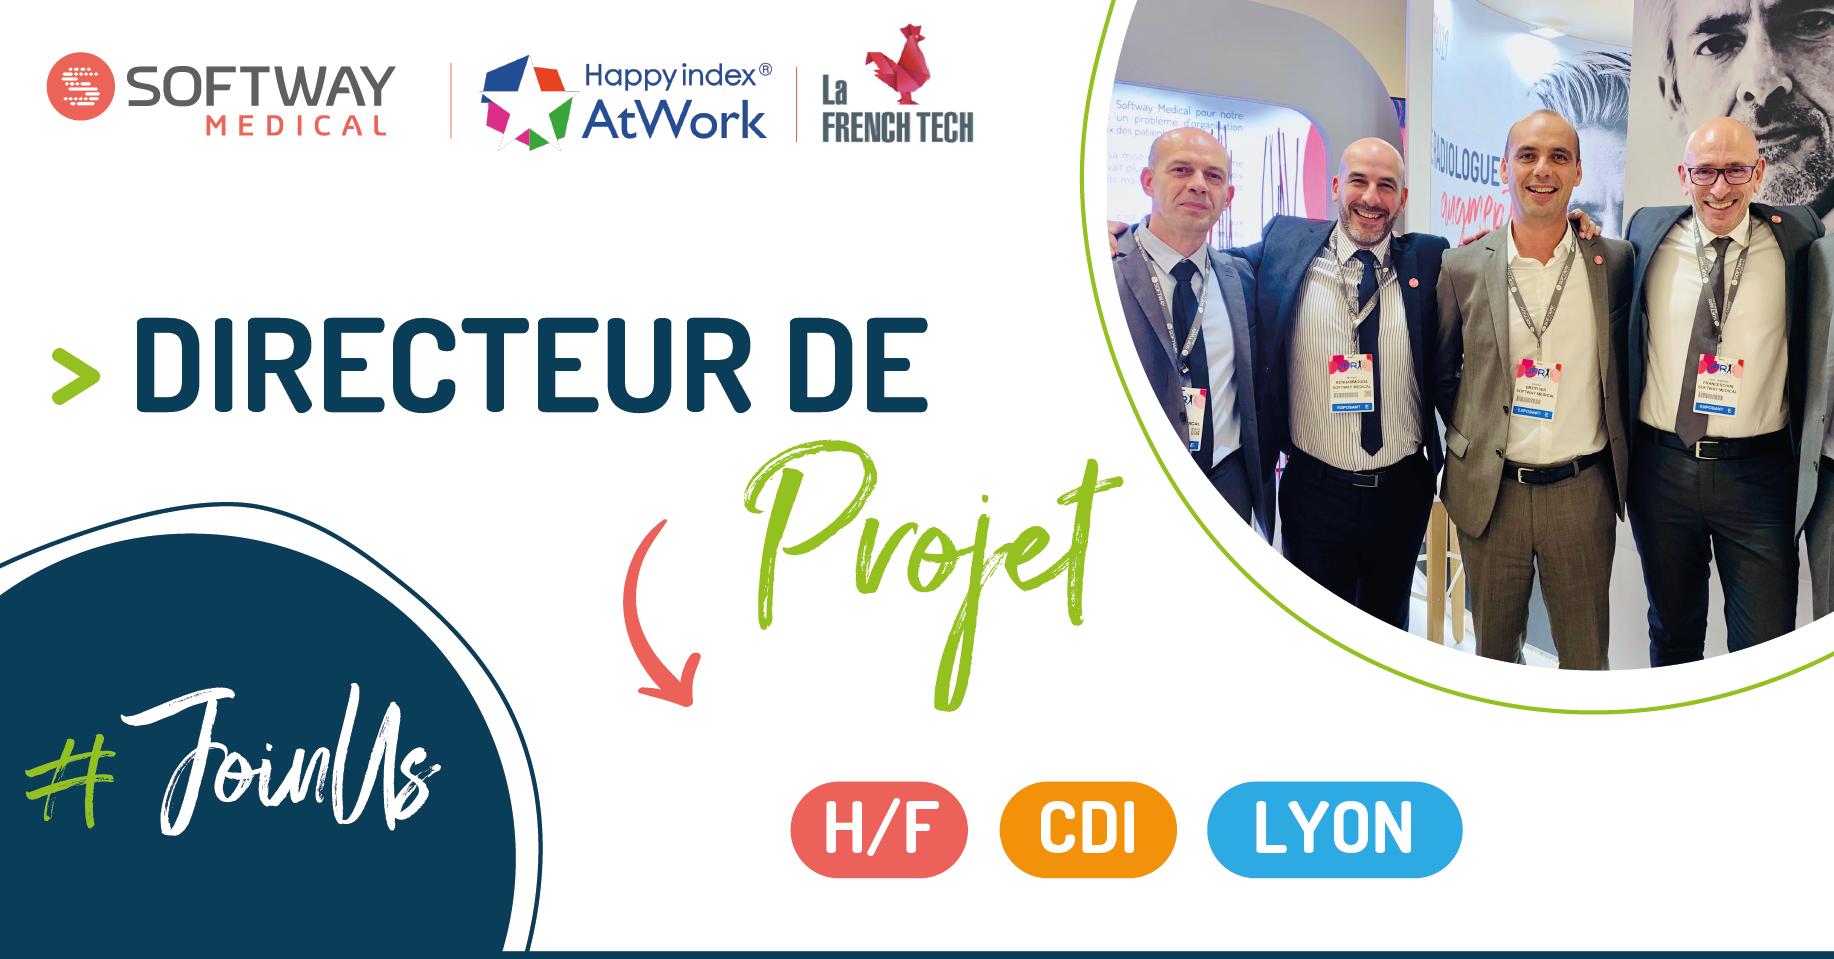 DIRECTEUR DE PROJET – H/F – Lyon